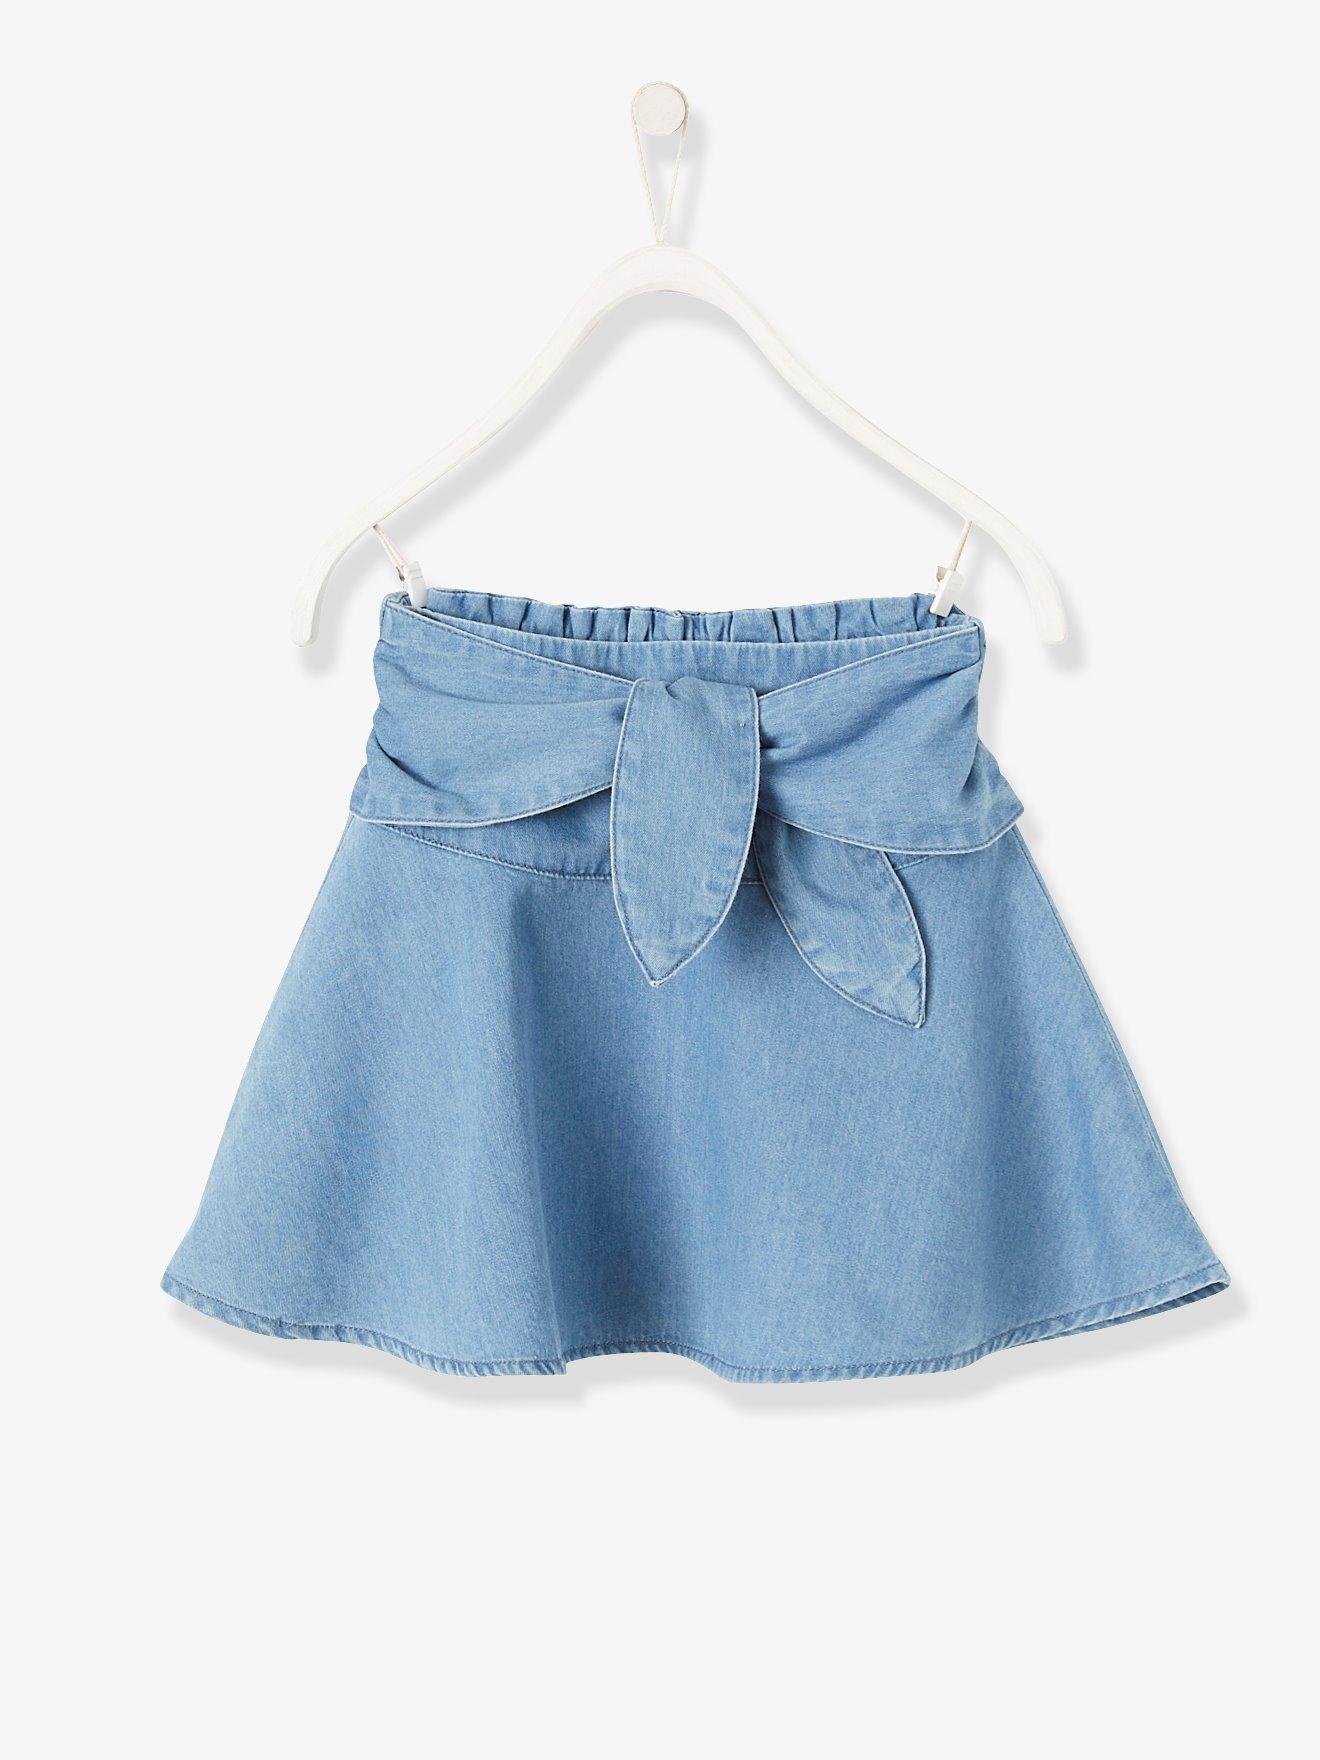 2807167e0 Falda niña denim con cinturón para anudar azul oscuro lavado